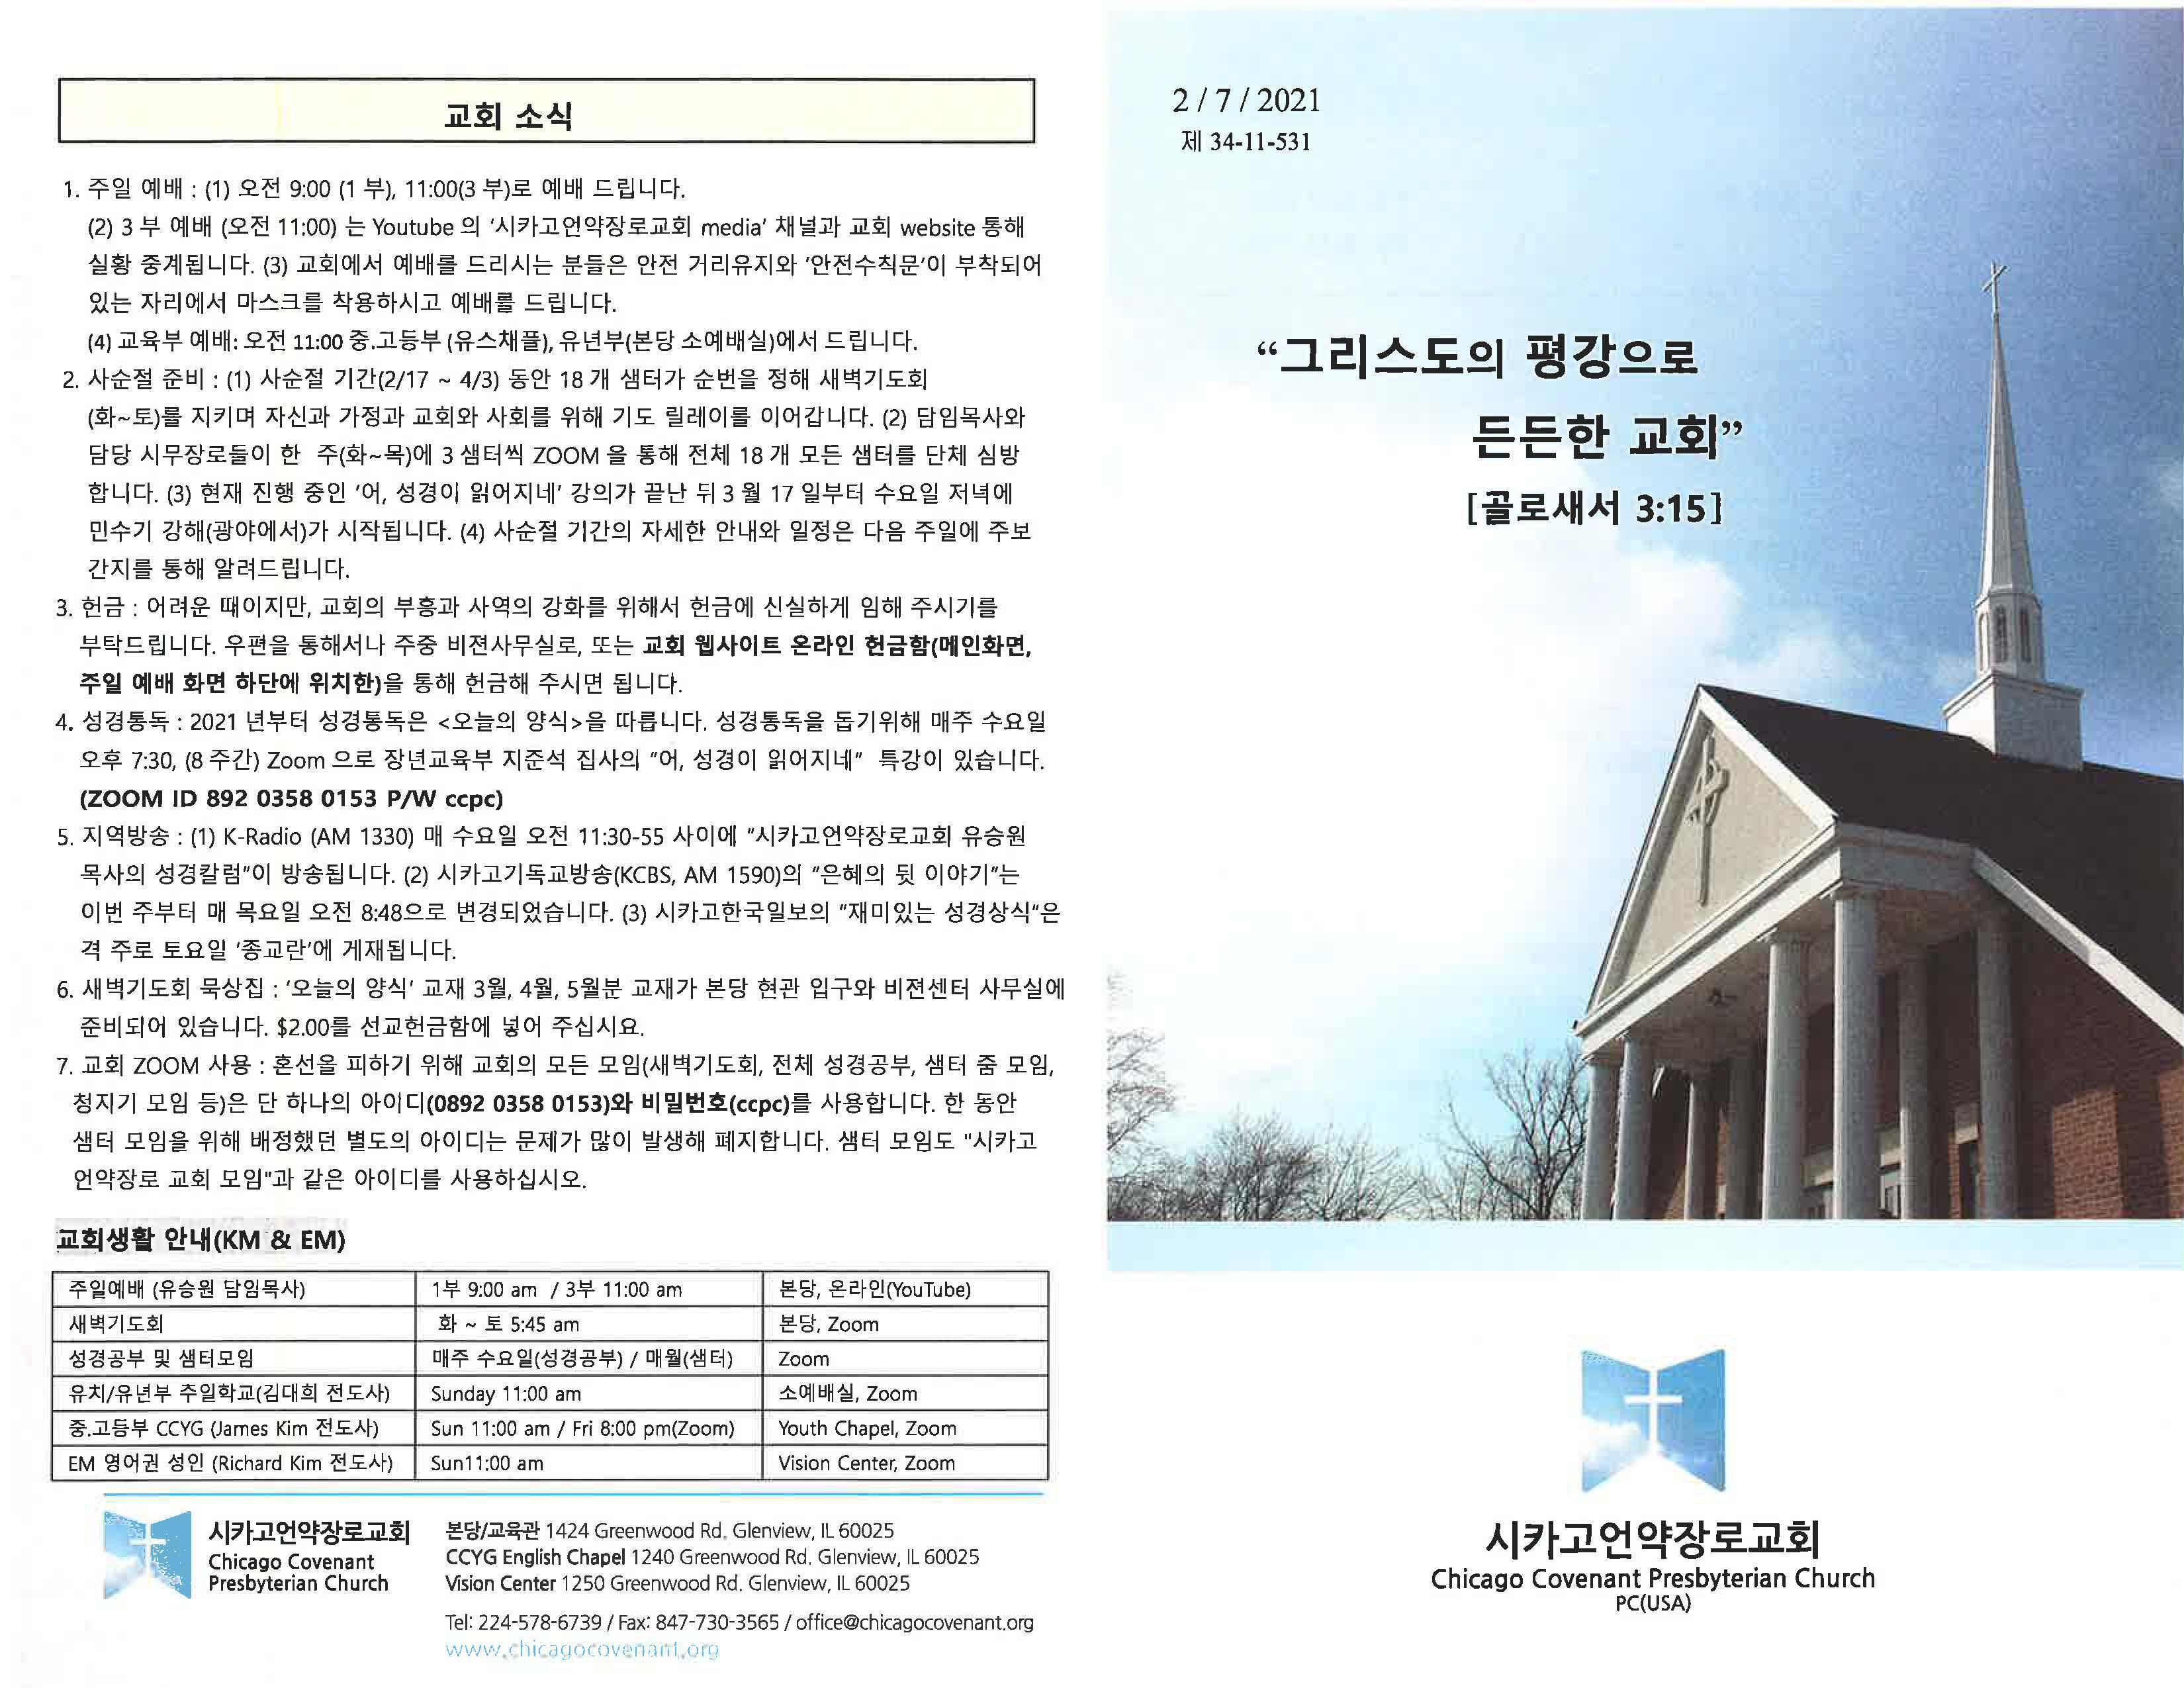 CCPC 2-07-2021_Page_1.jpg